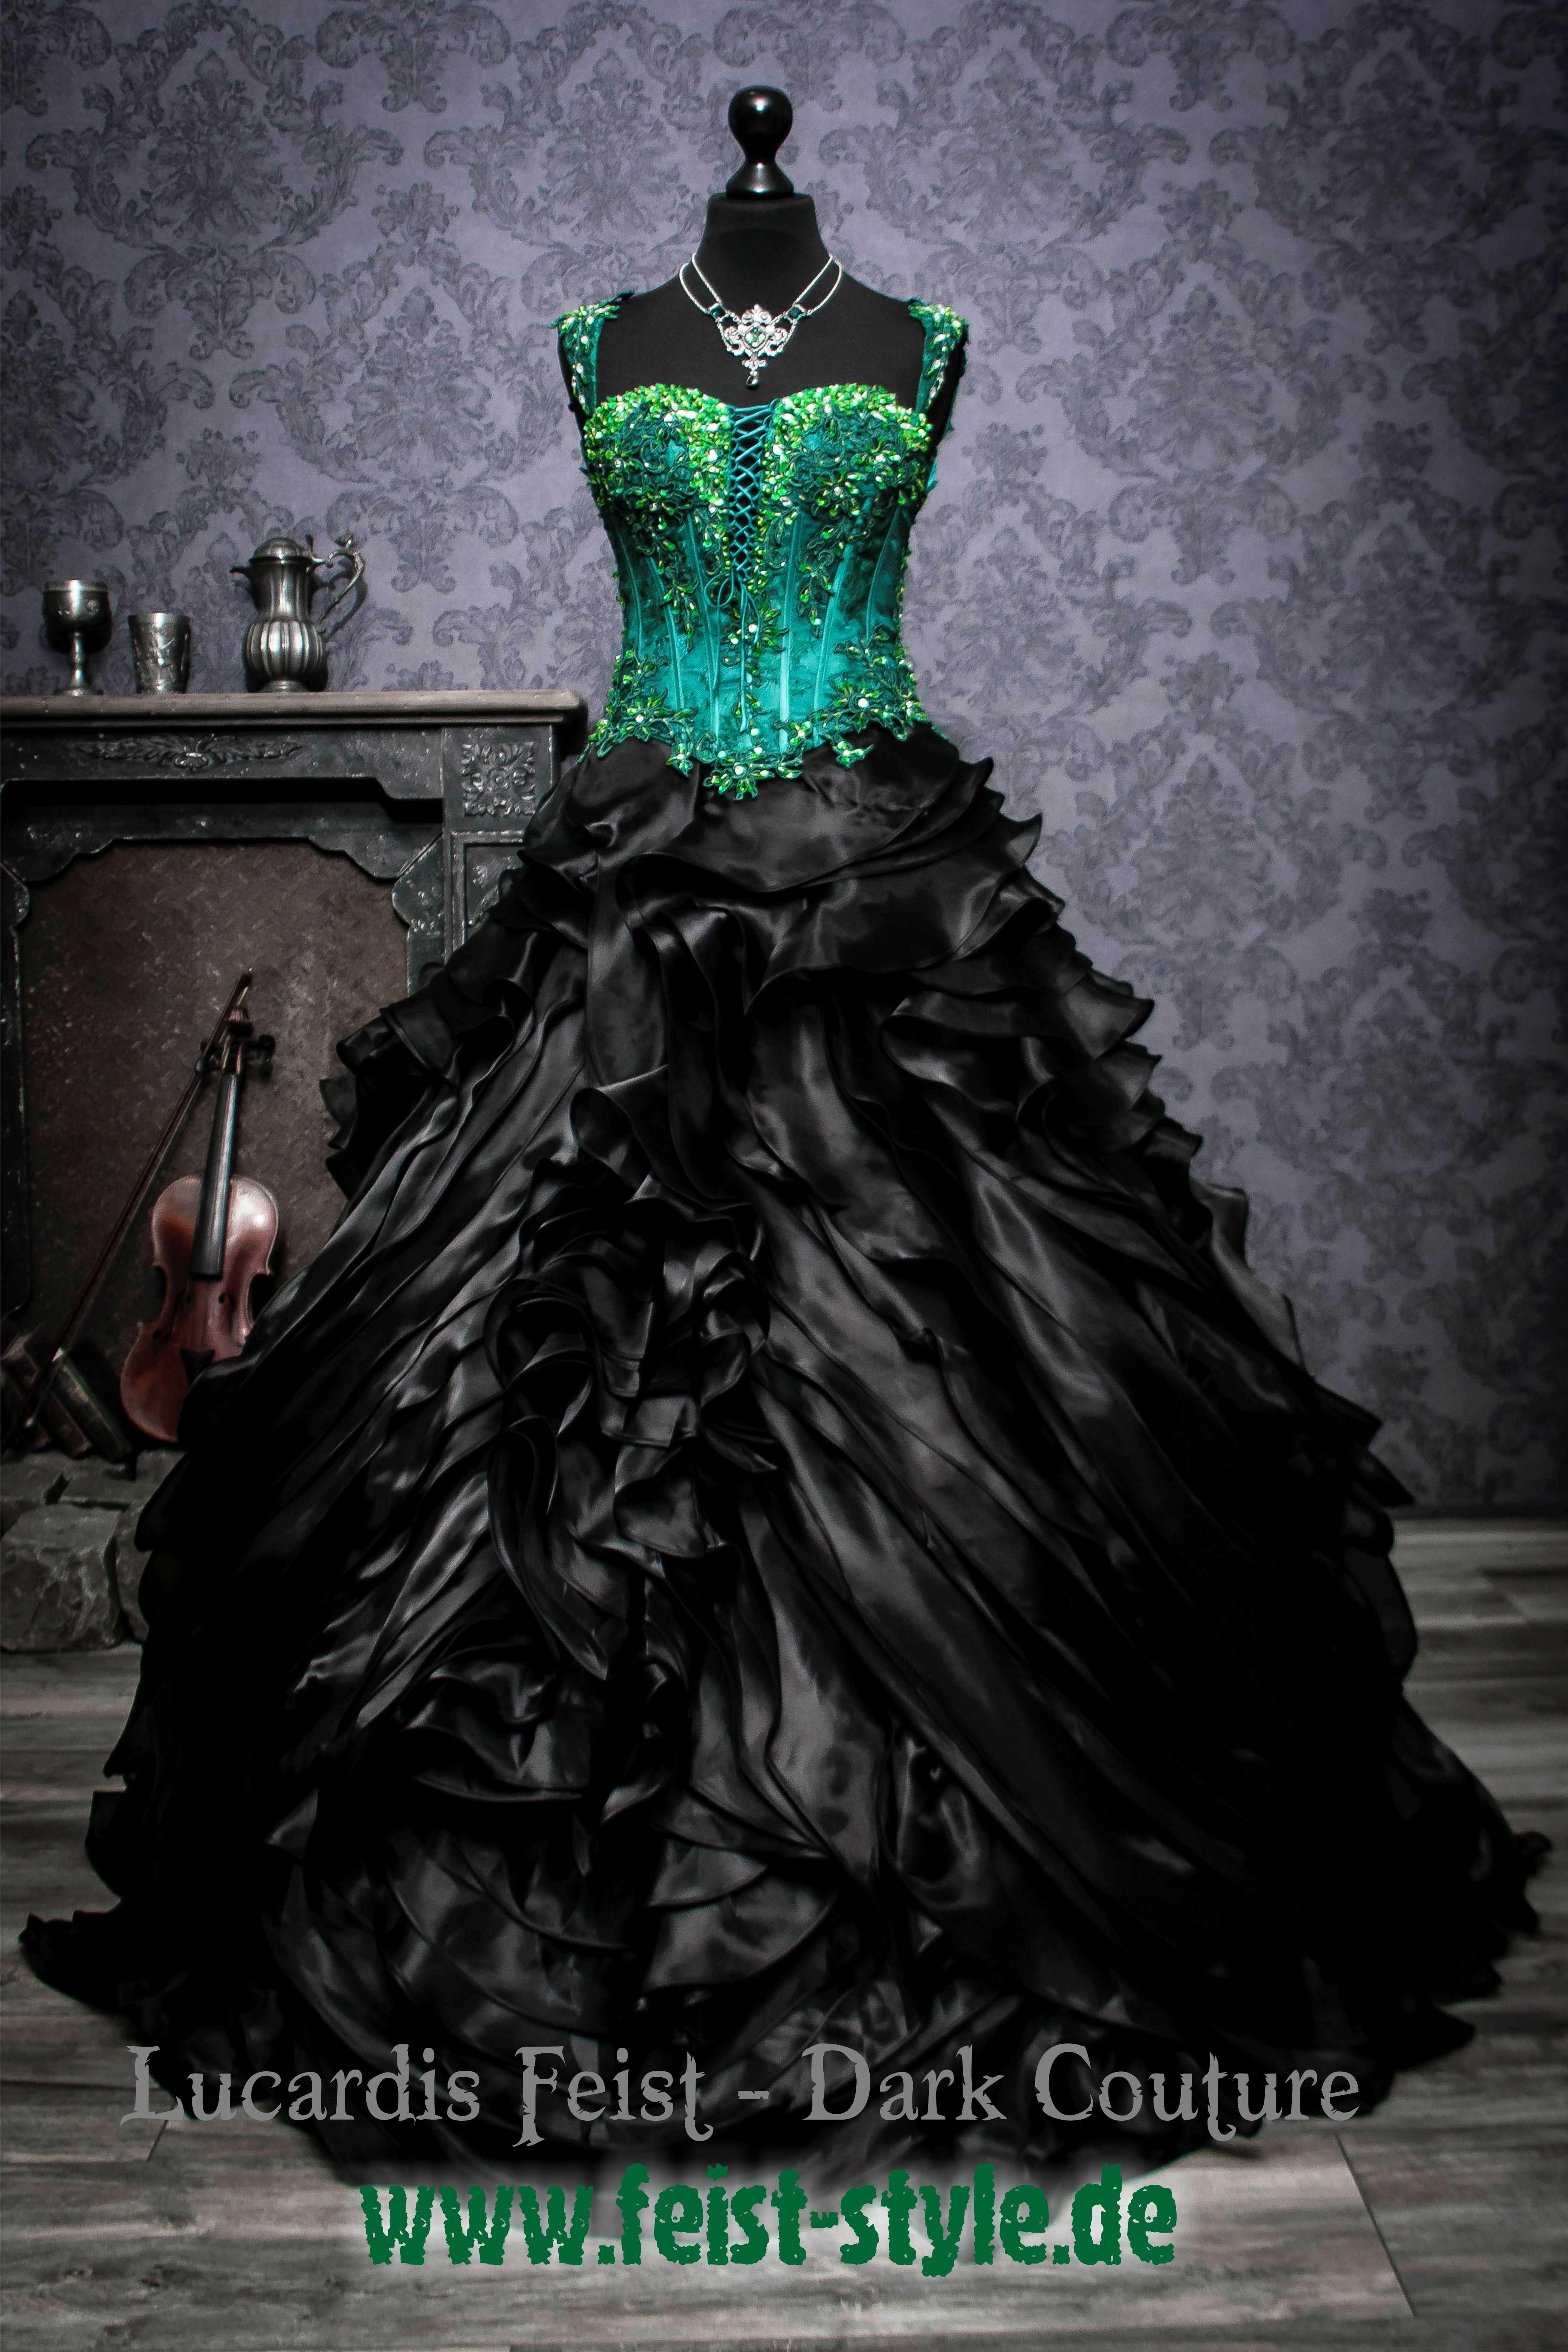 Brautkleid in Intensiv-Grün von Lucardis Feist  Braut kostüm